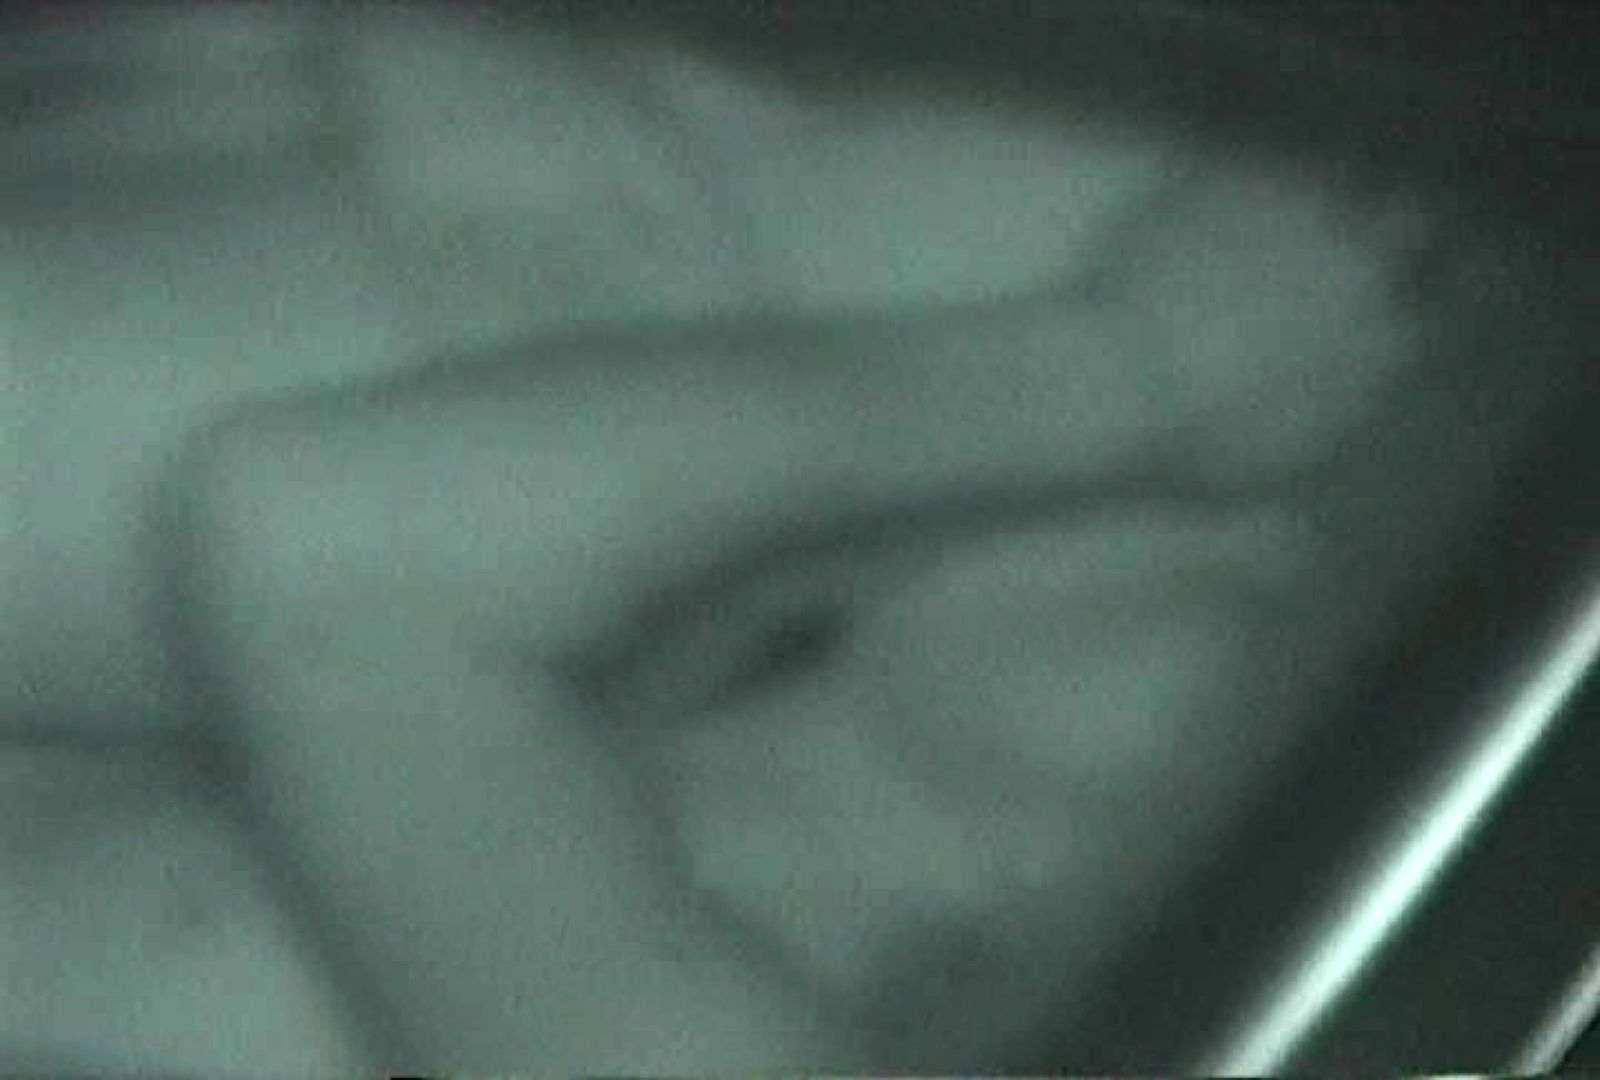 充血監督の深夜の運動会Vol.55 カップル スケベ動画紹介 78画像 19